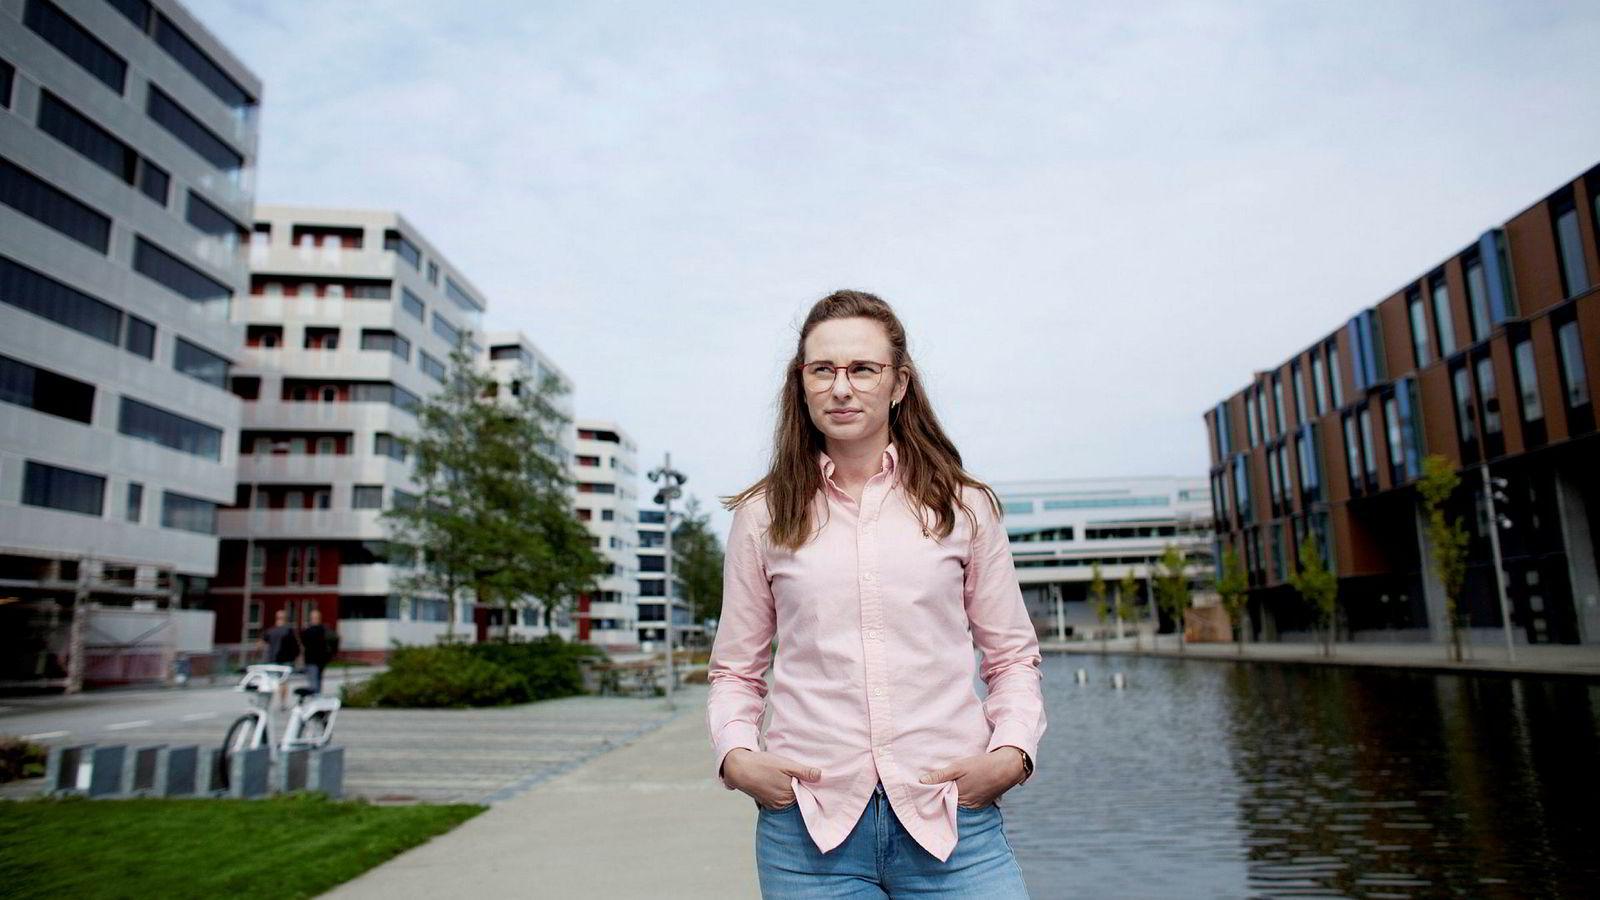 Nyutdannet geolog Monika Maria Dyrendahl (24) sliter med å få fast jobb i oljebransjen oppgangstidene til tross. Her i oljeklyngen i Jåttåvågen ved Stavanger.